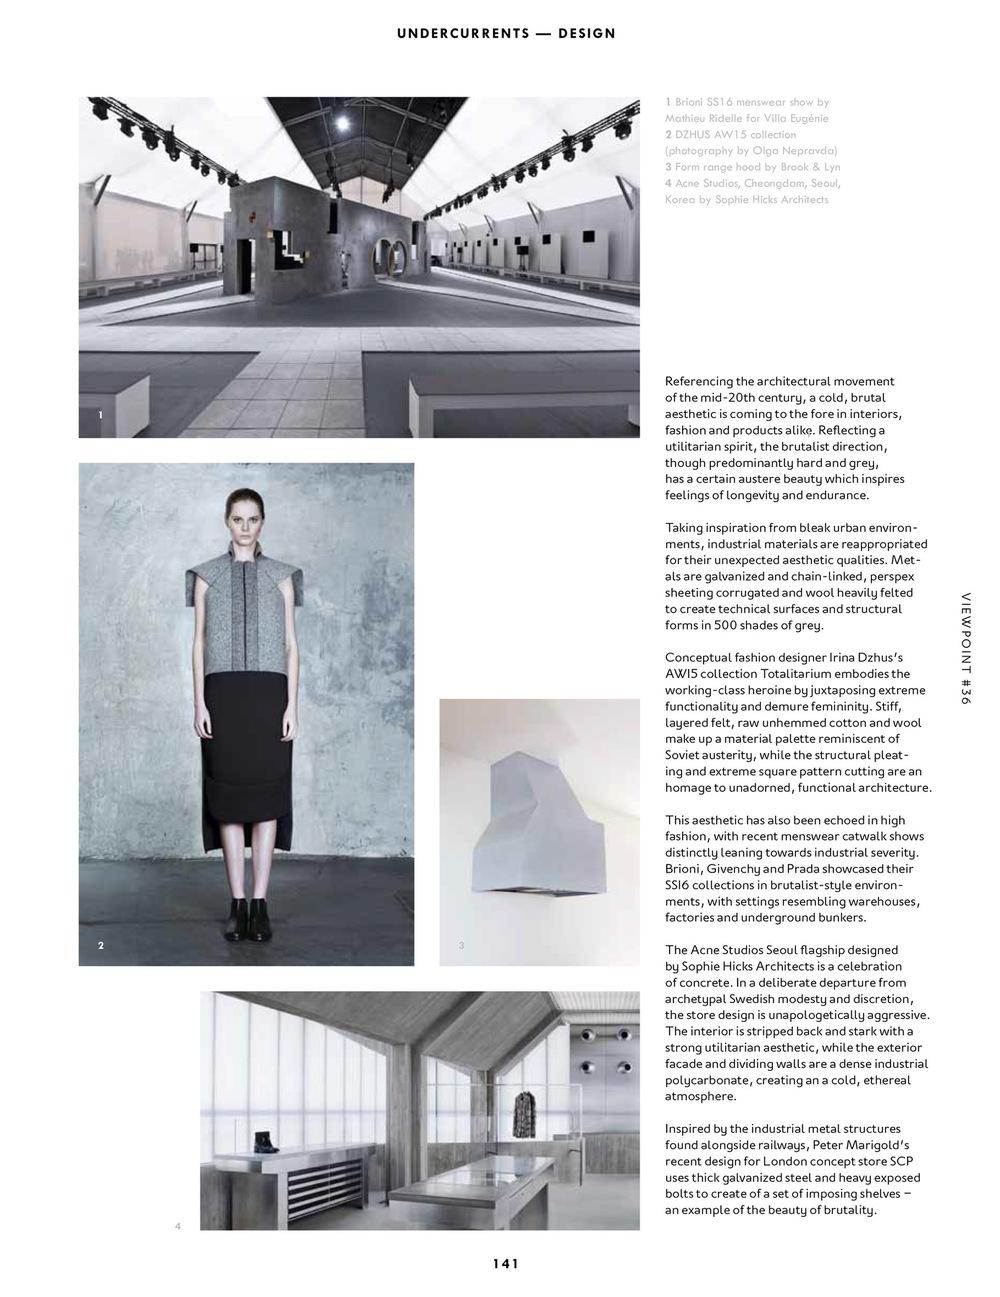 DZHUS - Viewpoint Magazine